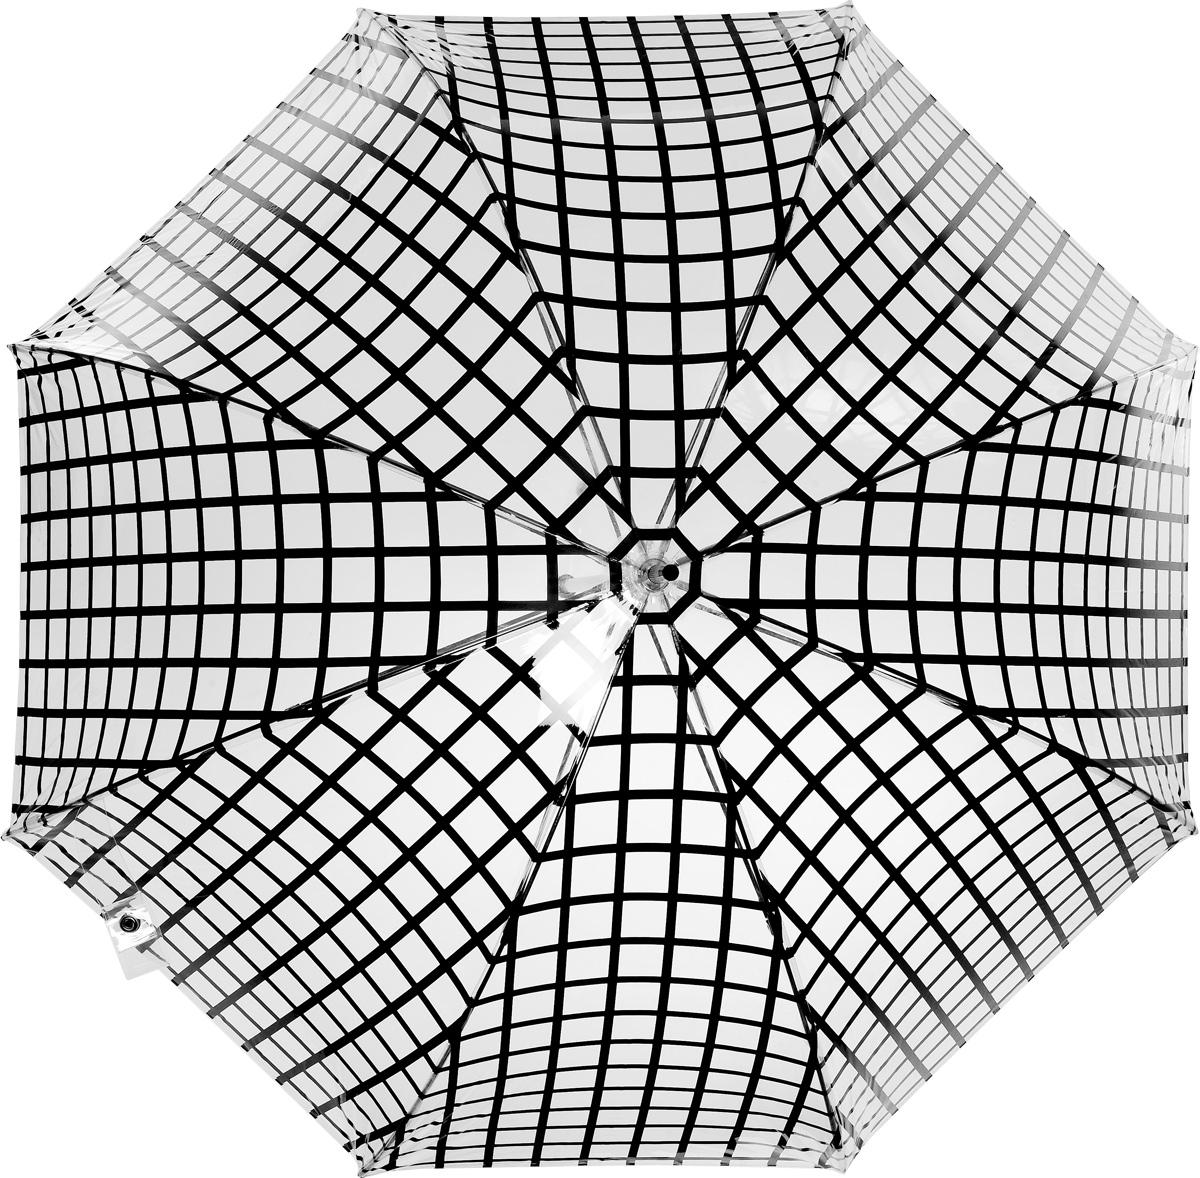 Зонт-трость женский Vogue, цвет: прозрачный, черный. 107V/1-6107V-1-6Стильный зонт-трость испанского производителя Vogue оснащен каркасом с противоветровым эффектом. Каркас зонта включает 8 спиц. Стержень изготовлен из стали, купол выполнен из прочного полиэстера. Зонт оснащен автоматическим механизмом: купол открывается нажатием на кнопку около ручки и закрывается с помощью нее же. Такой зонт не только надежно защитит вас от дождя, но и станет стильным аксессуаром, который идеально подчеркнет ваш неповторимый образ. Рекомендации по использованию: Мокрый зонт нельзя оставлять сложенным. Зонт после использования рекомендуется сушить в полураскрытом виде вдали от нагревательных приборов. Чистить зонт рекомендуется губкой, используя мягкие нещелочные растворы.